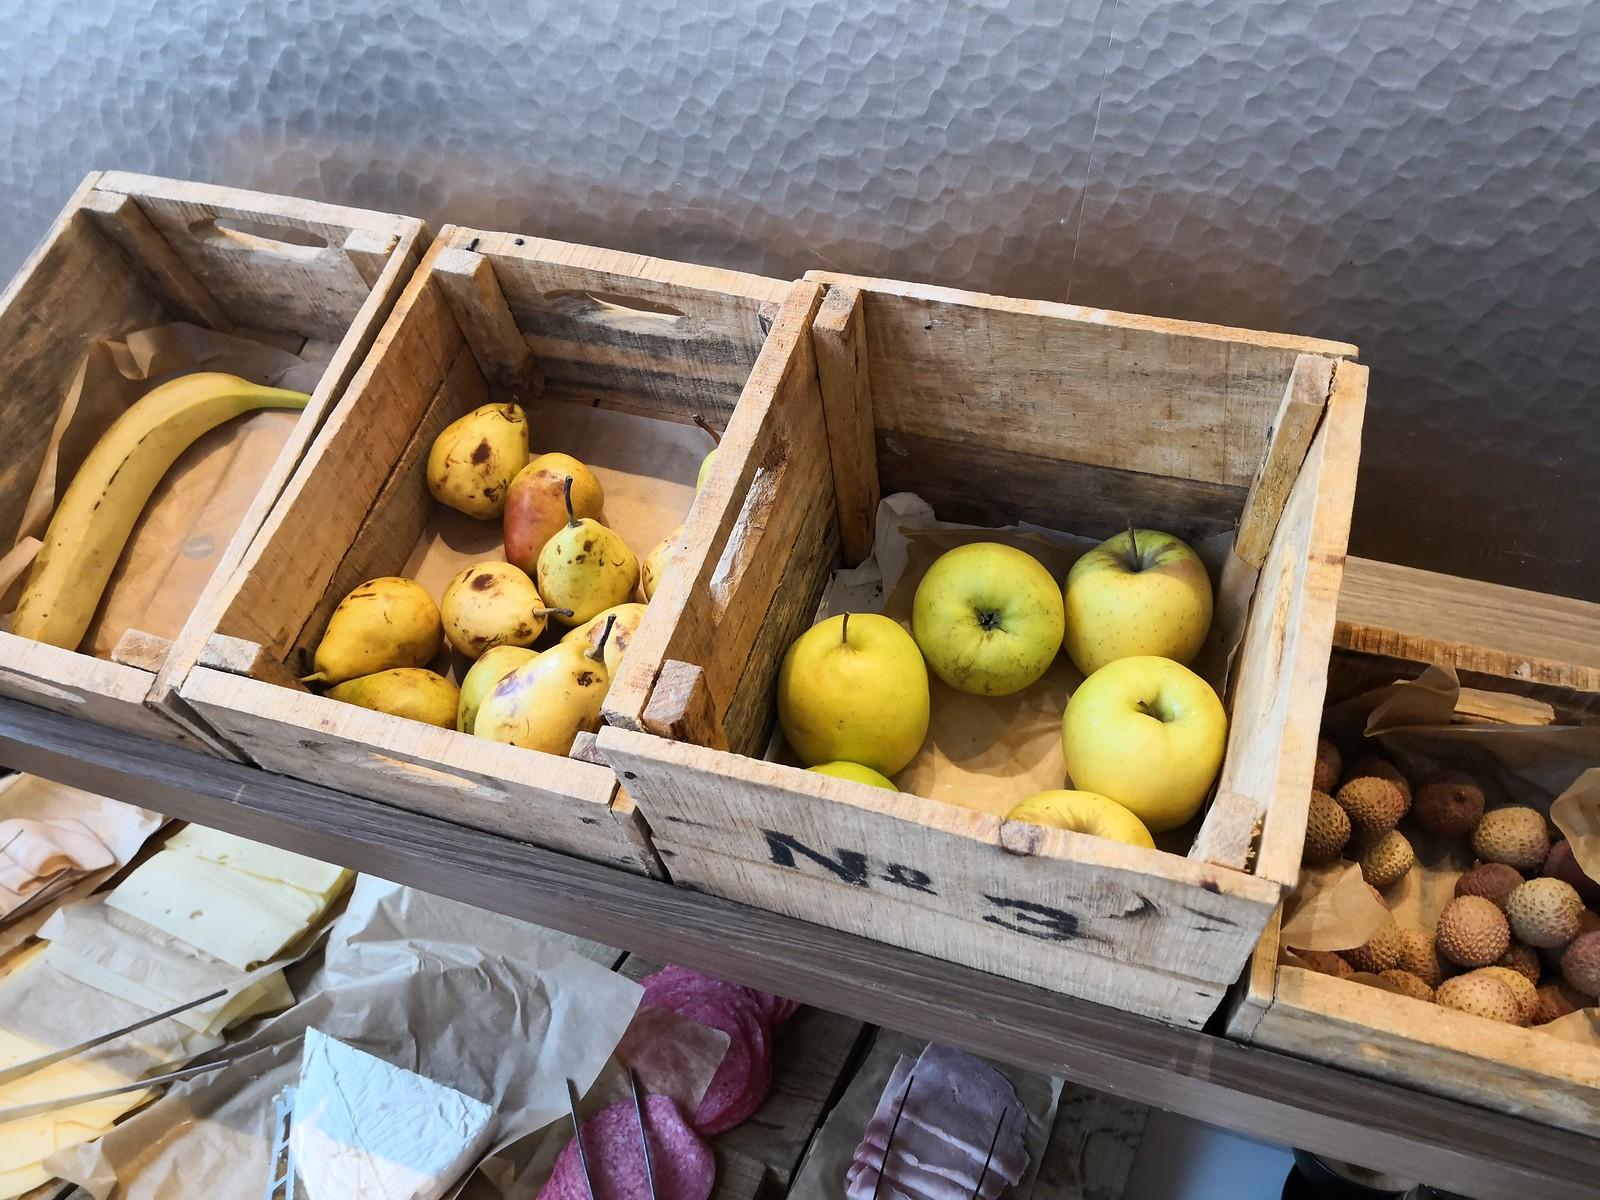 Fresh whole fruits